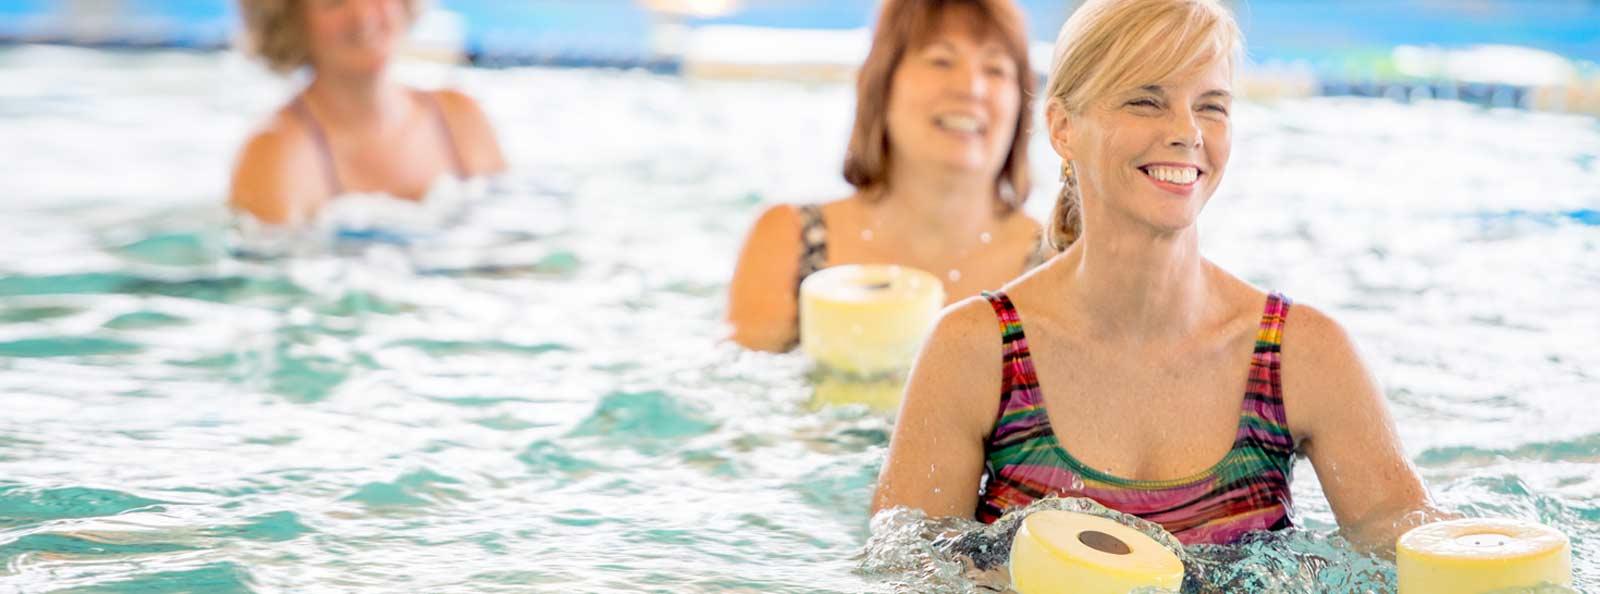 Fitnesskurse im Wasser in Köln-Nord, Köln-Longerich am Heilig Geist-Krankenhaus.